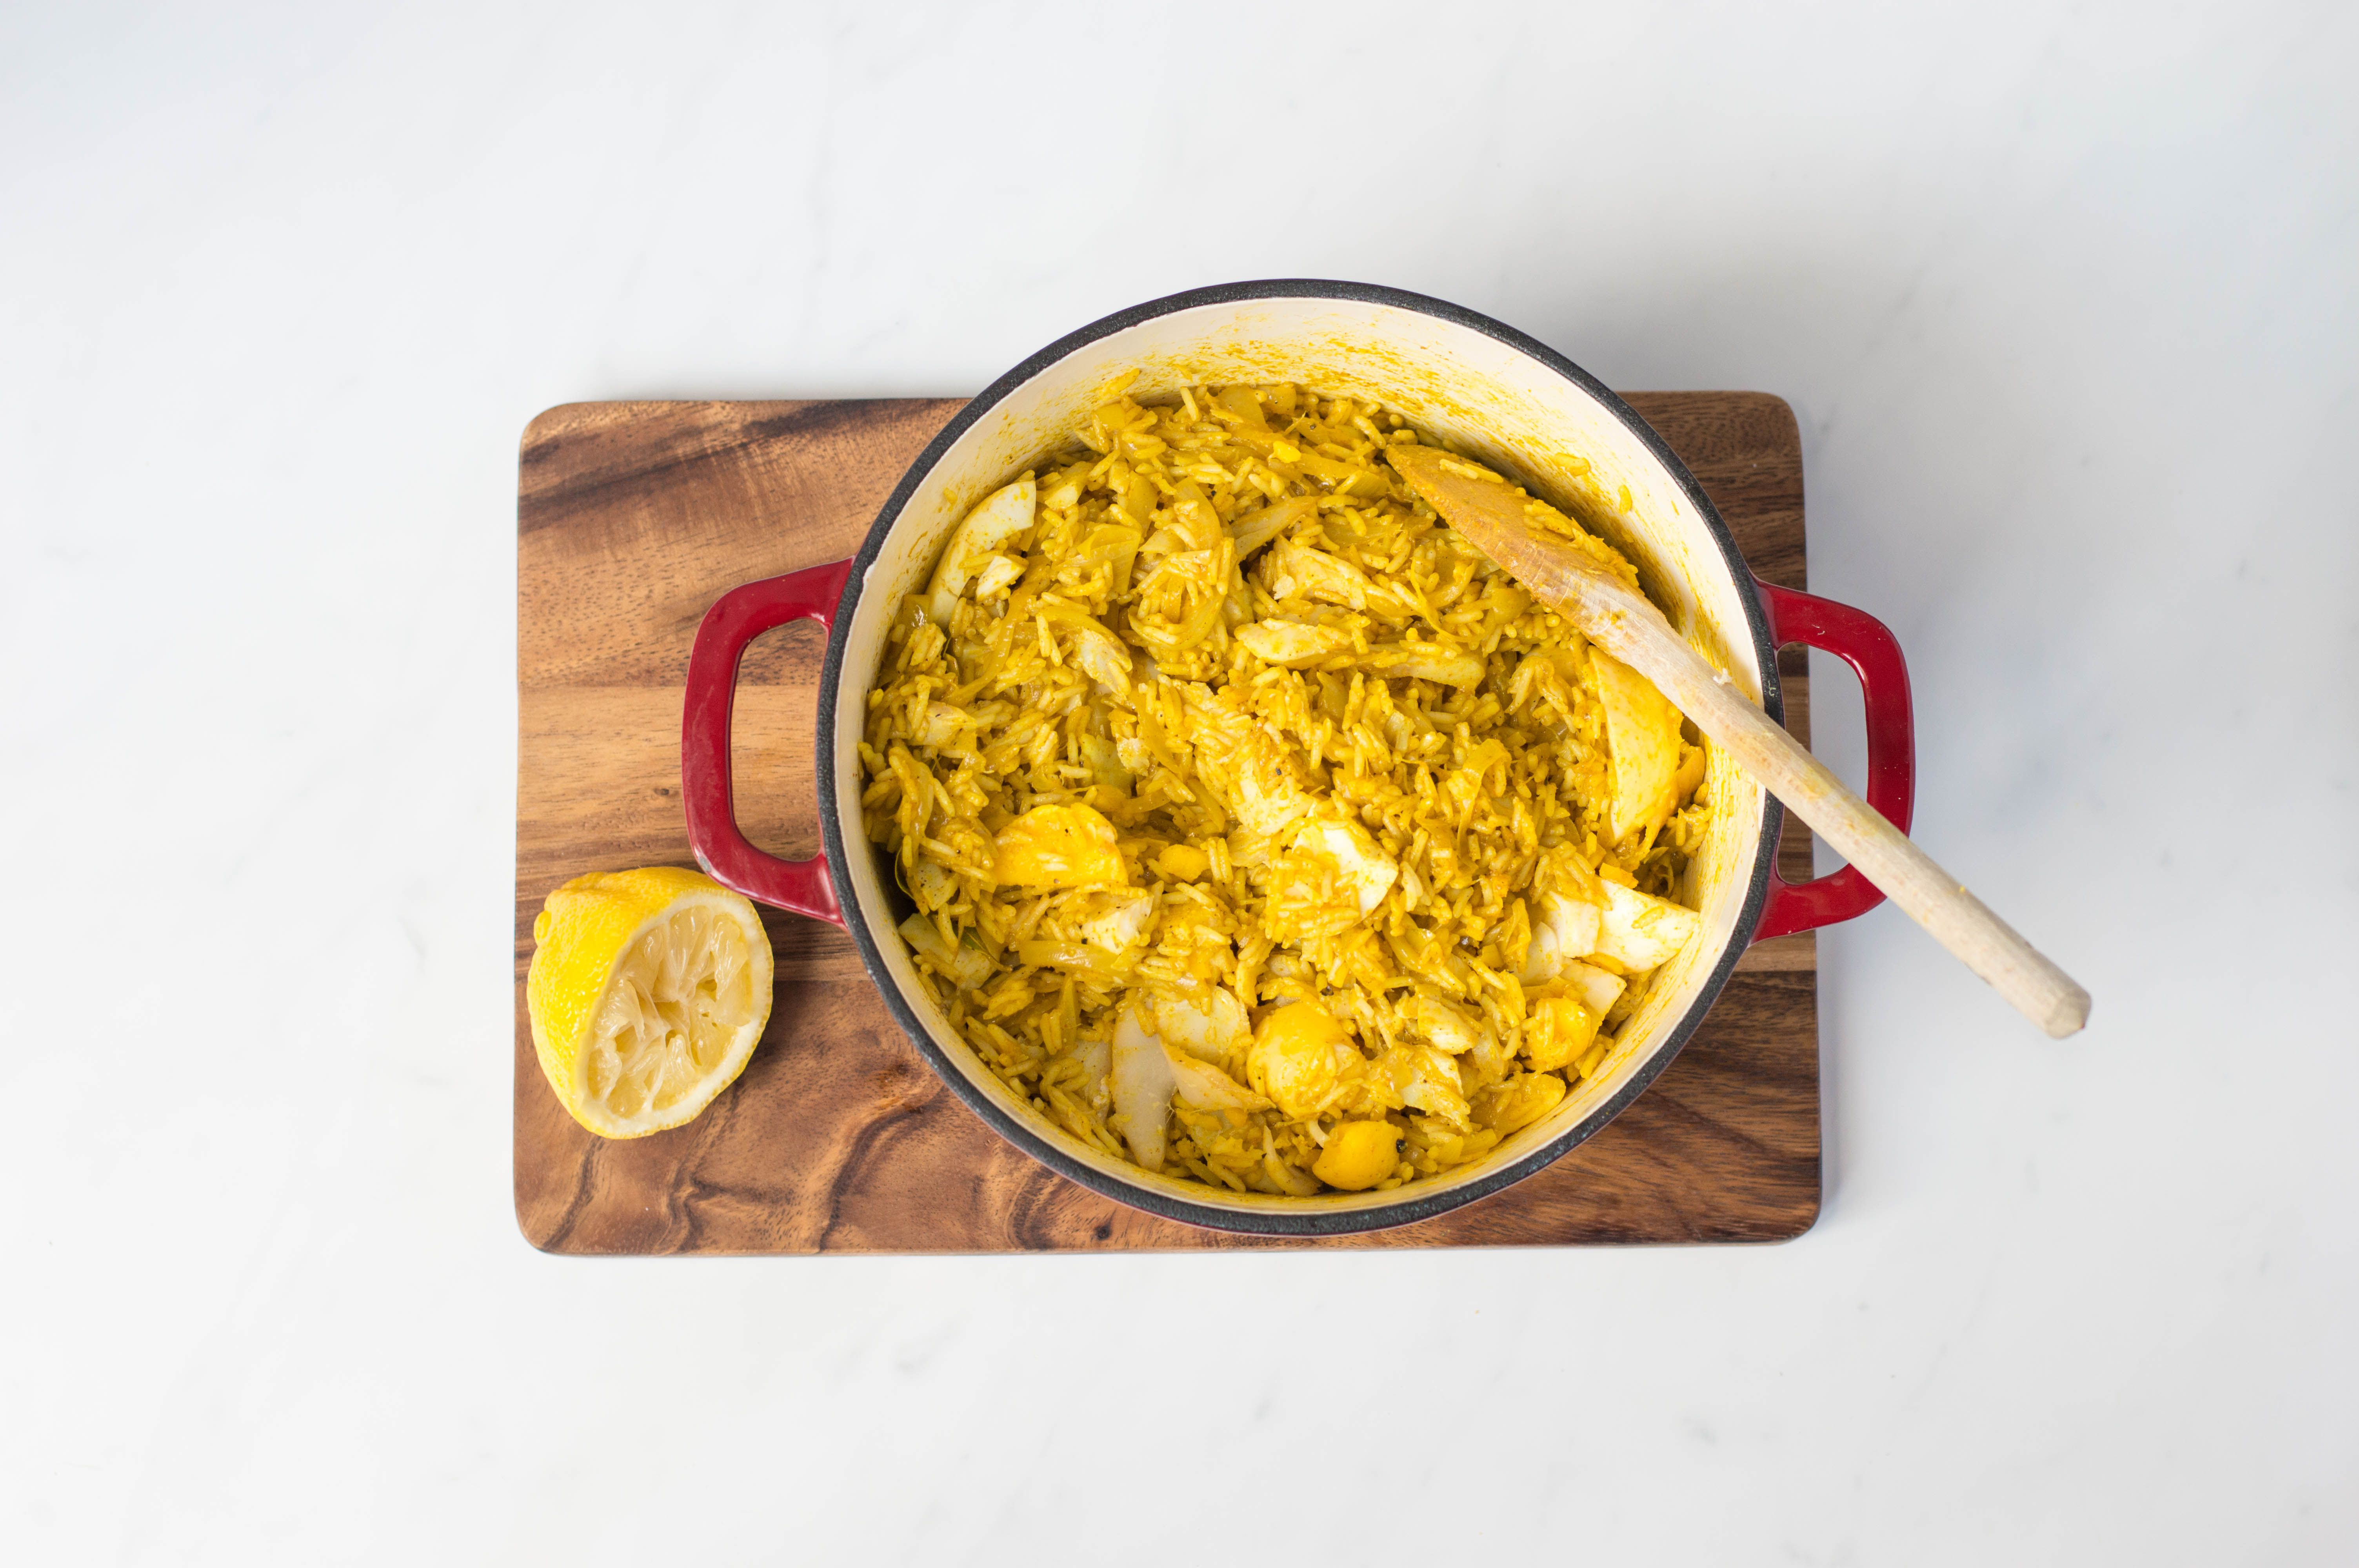 Lemon juice added to kedgeree in a pan